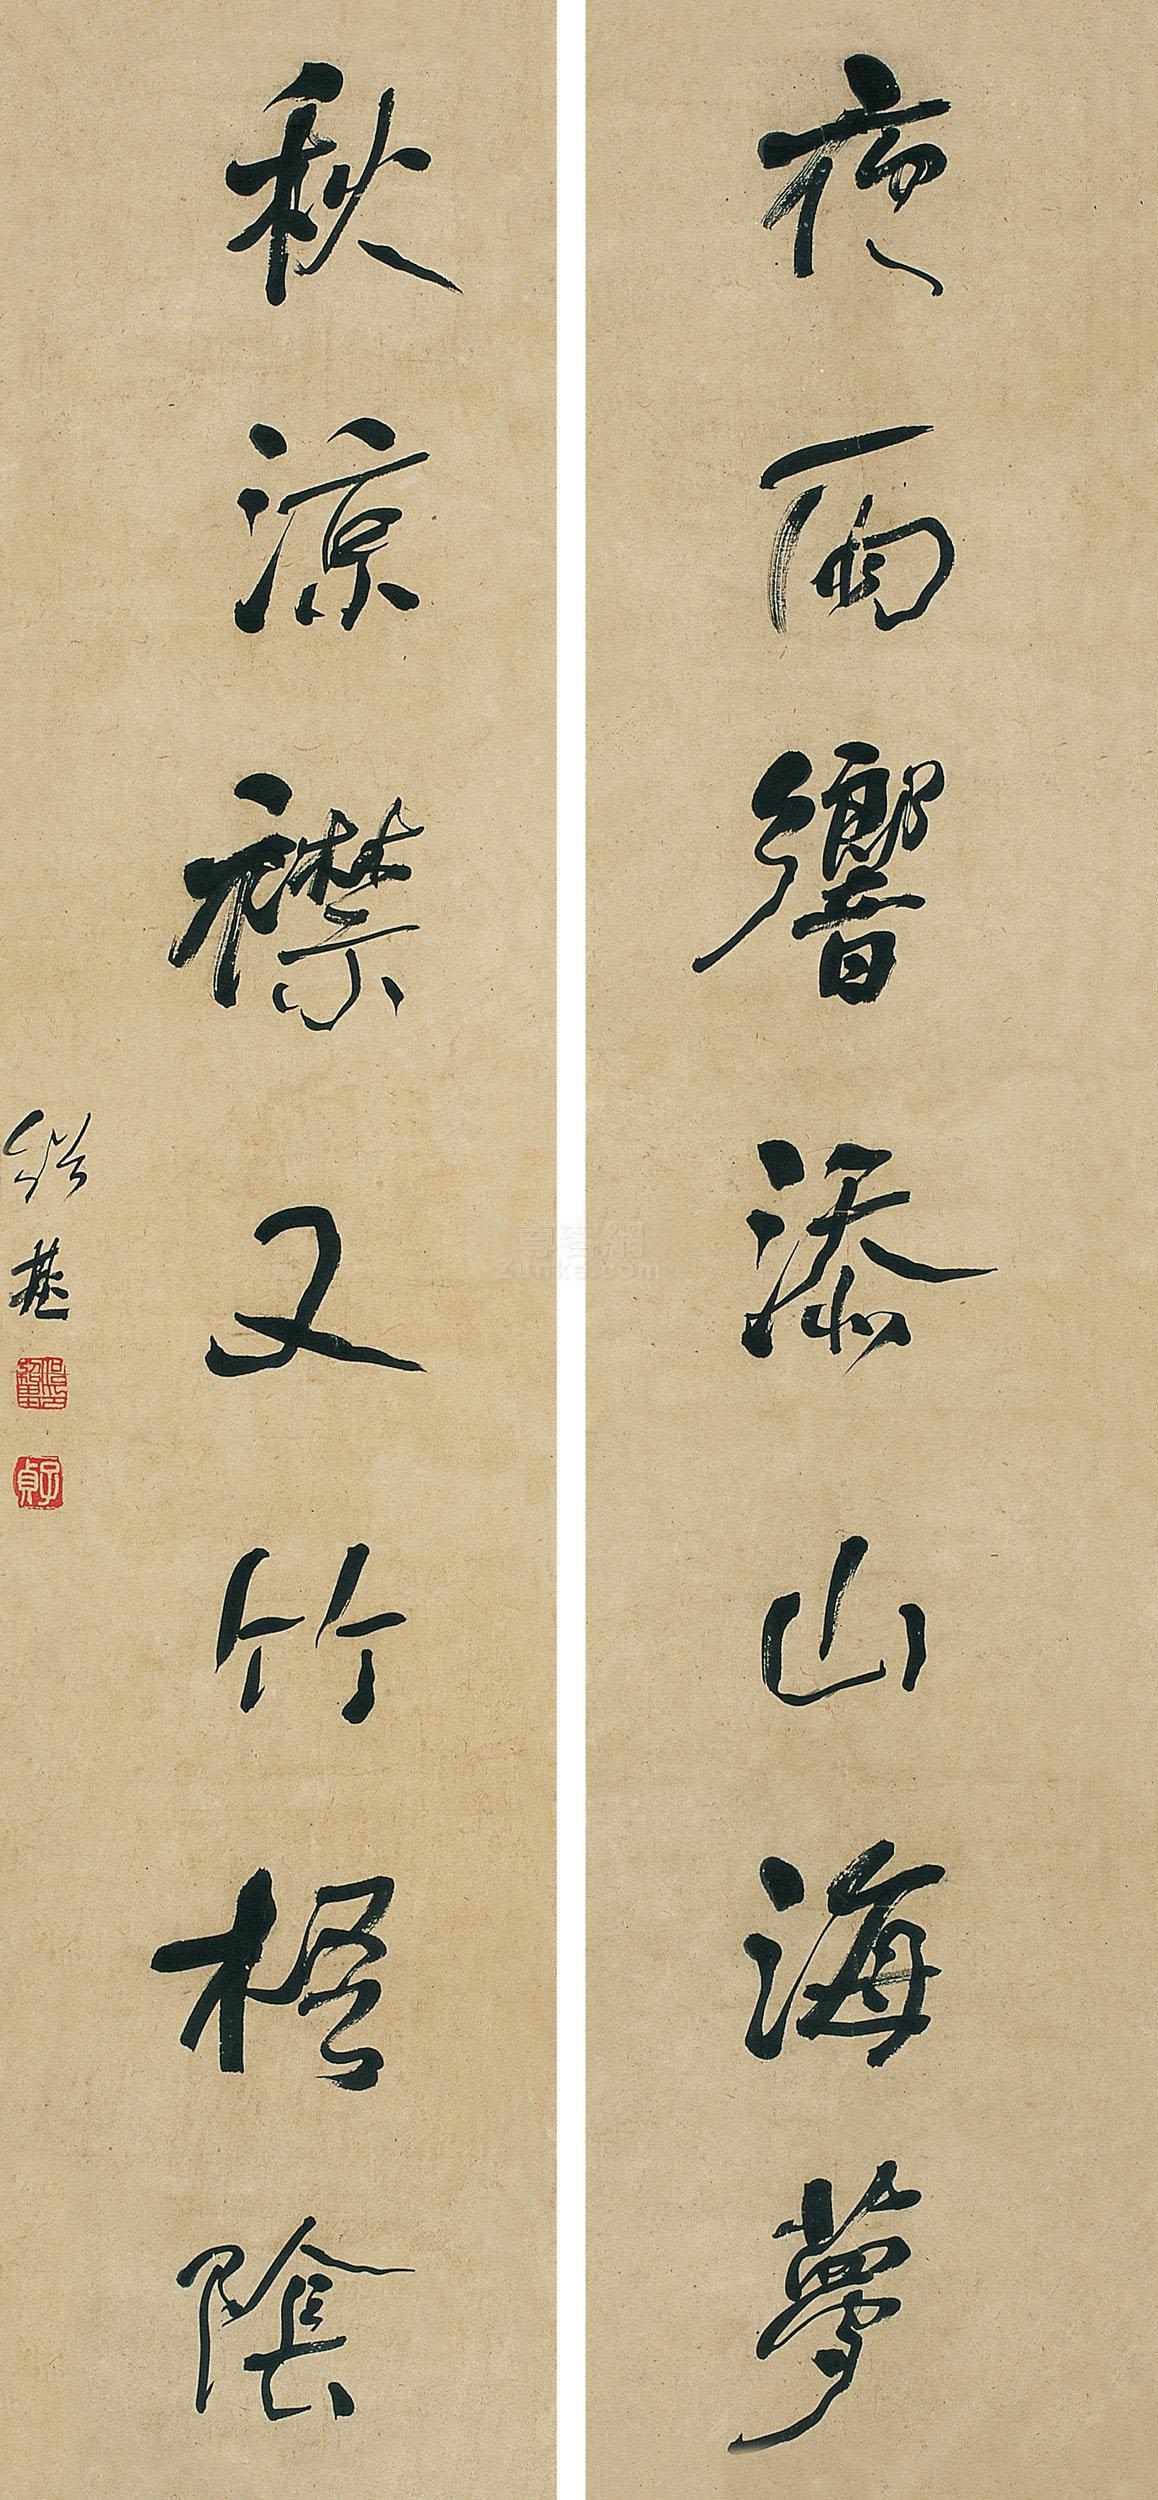 何绍基 行书《夜雨秋凉》七言 对联 水墨纸本作品欣赏